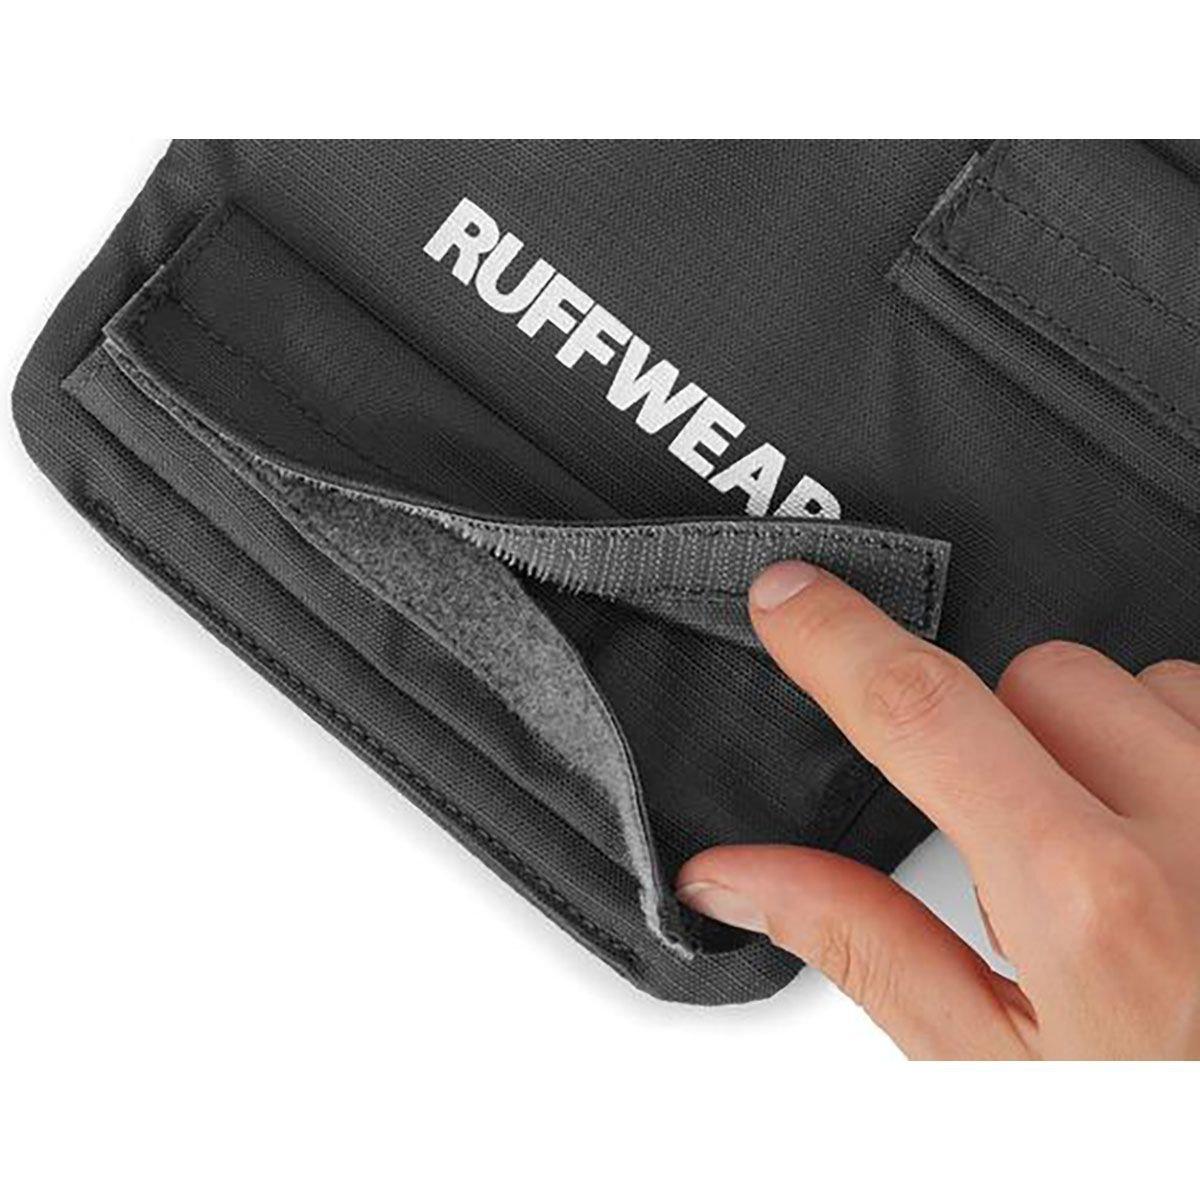 Ruffwear Brush Guard™ Brustschutz für Hundegeschirr, Bild 3